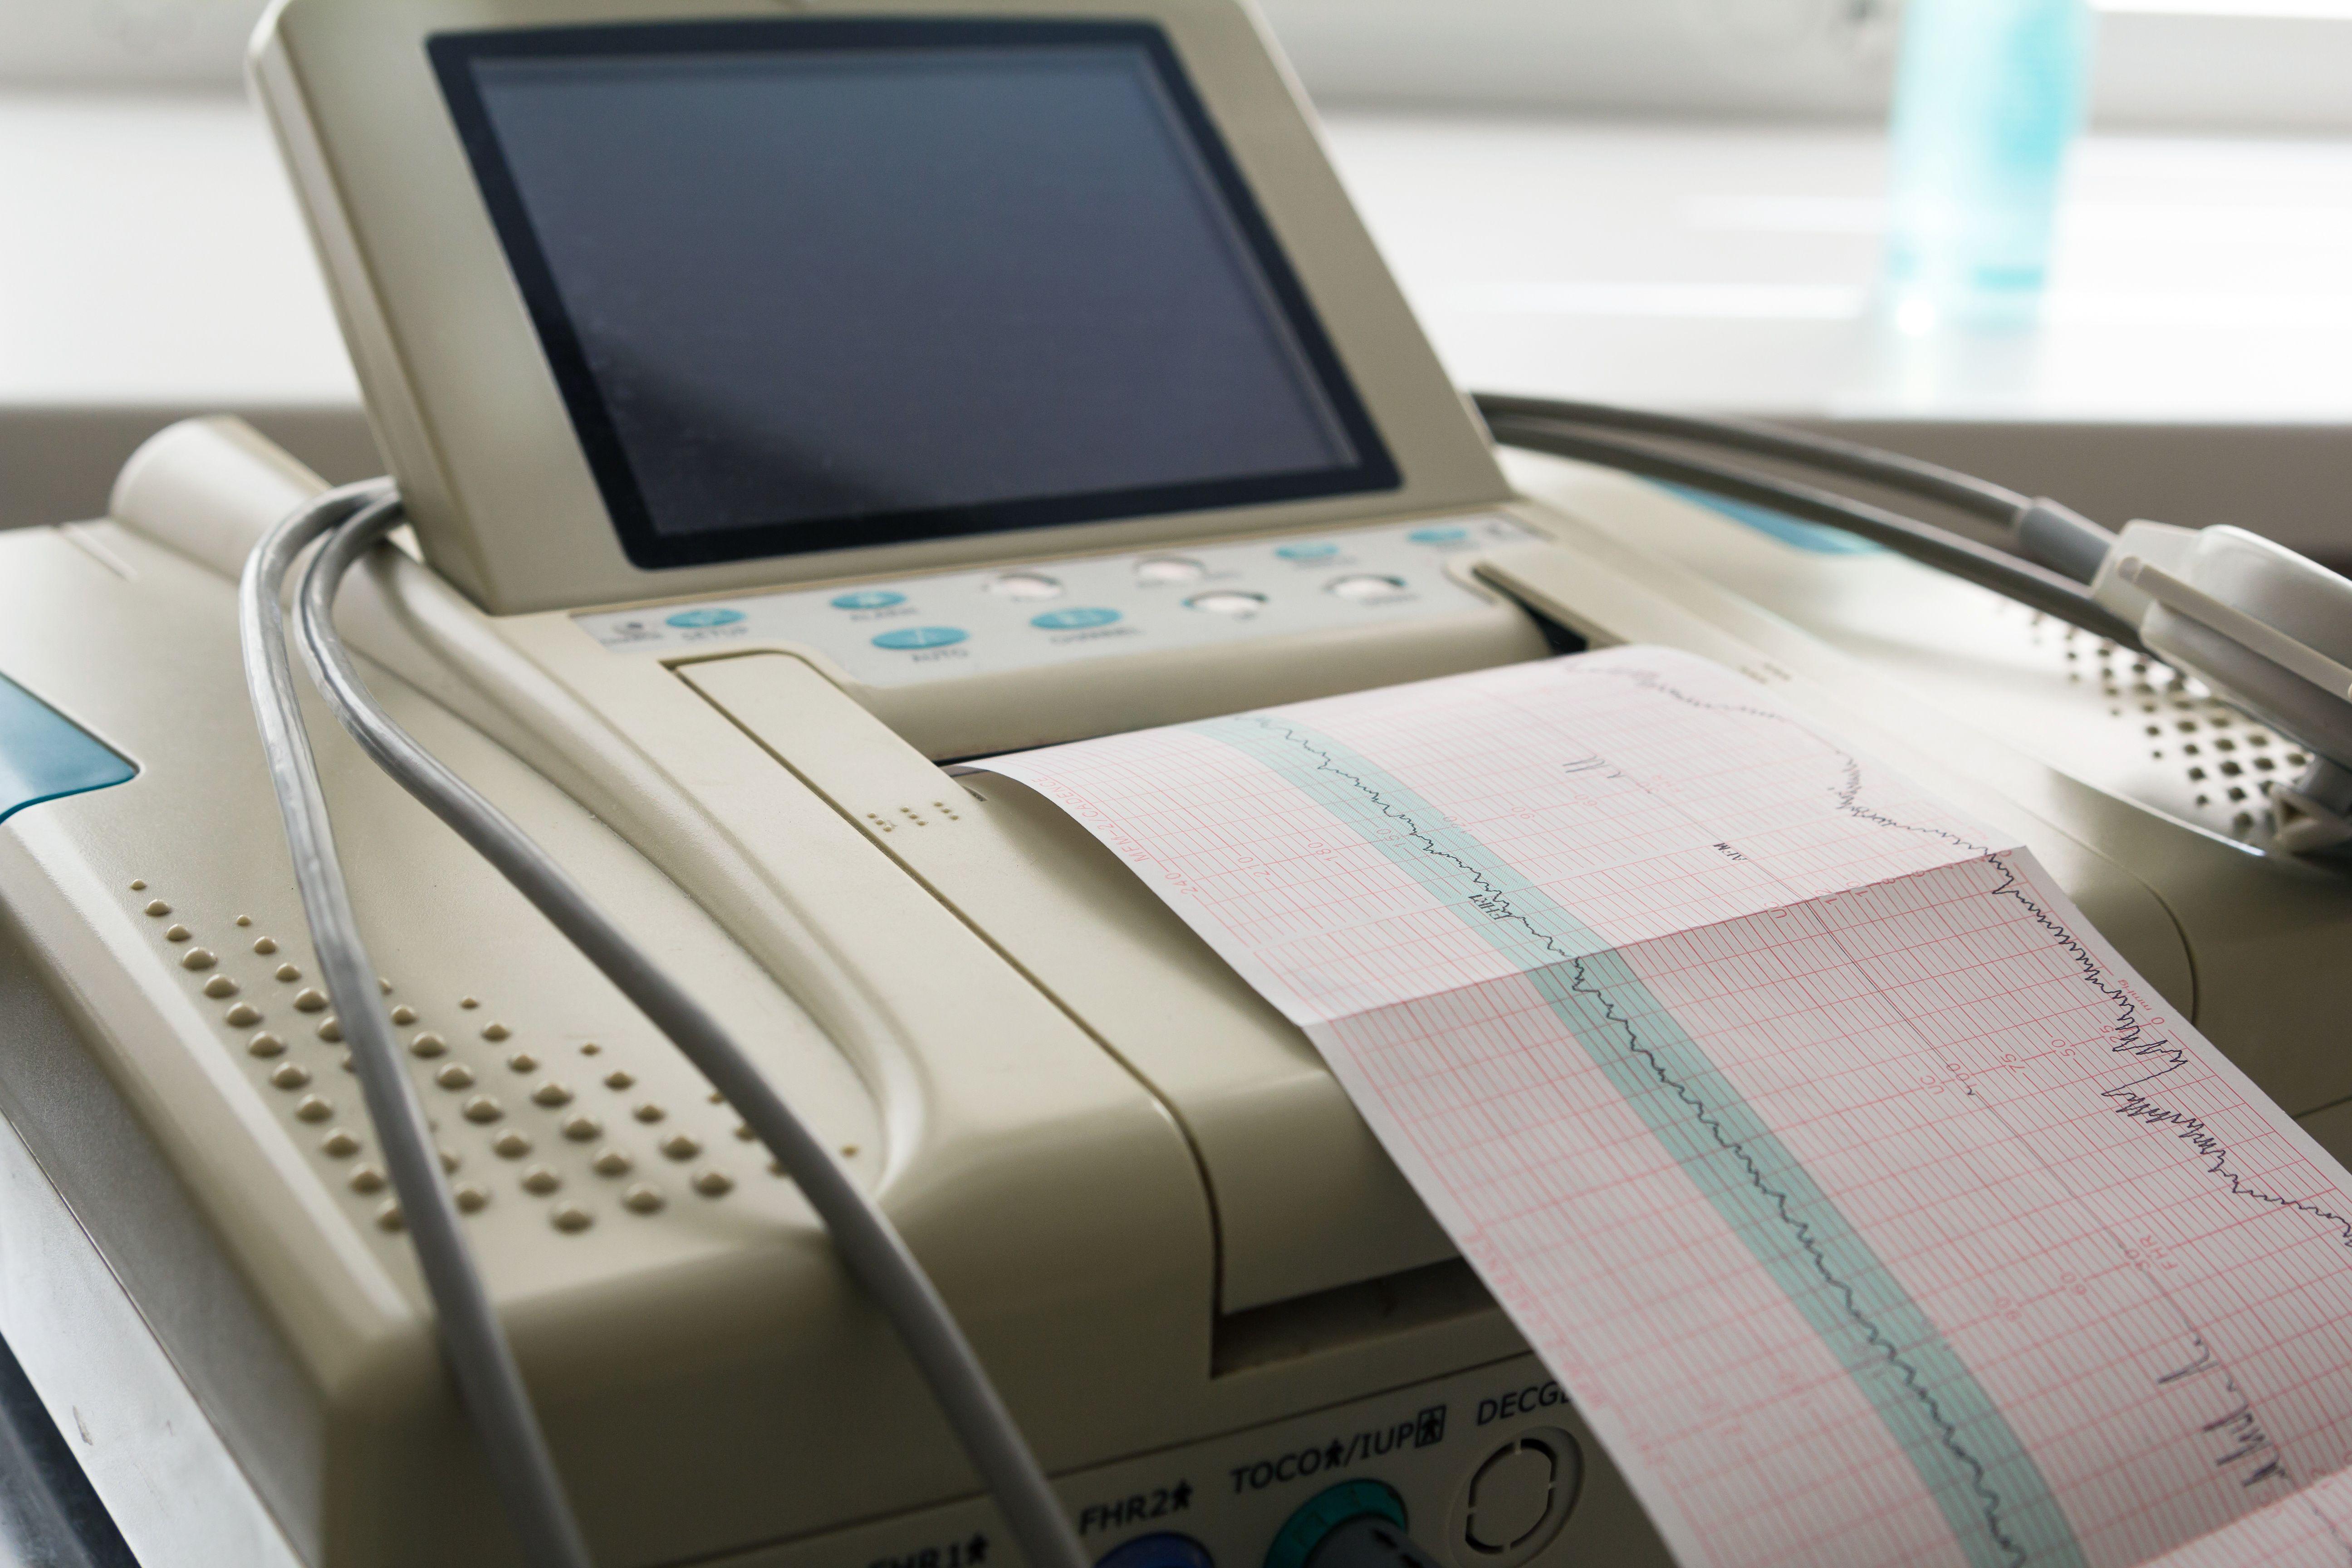 Fetal echocardiogram